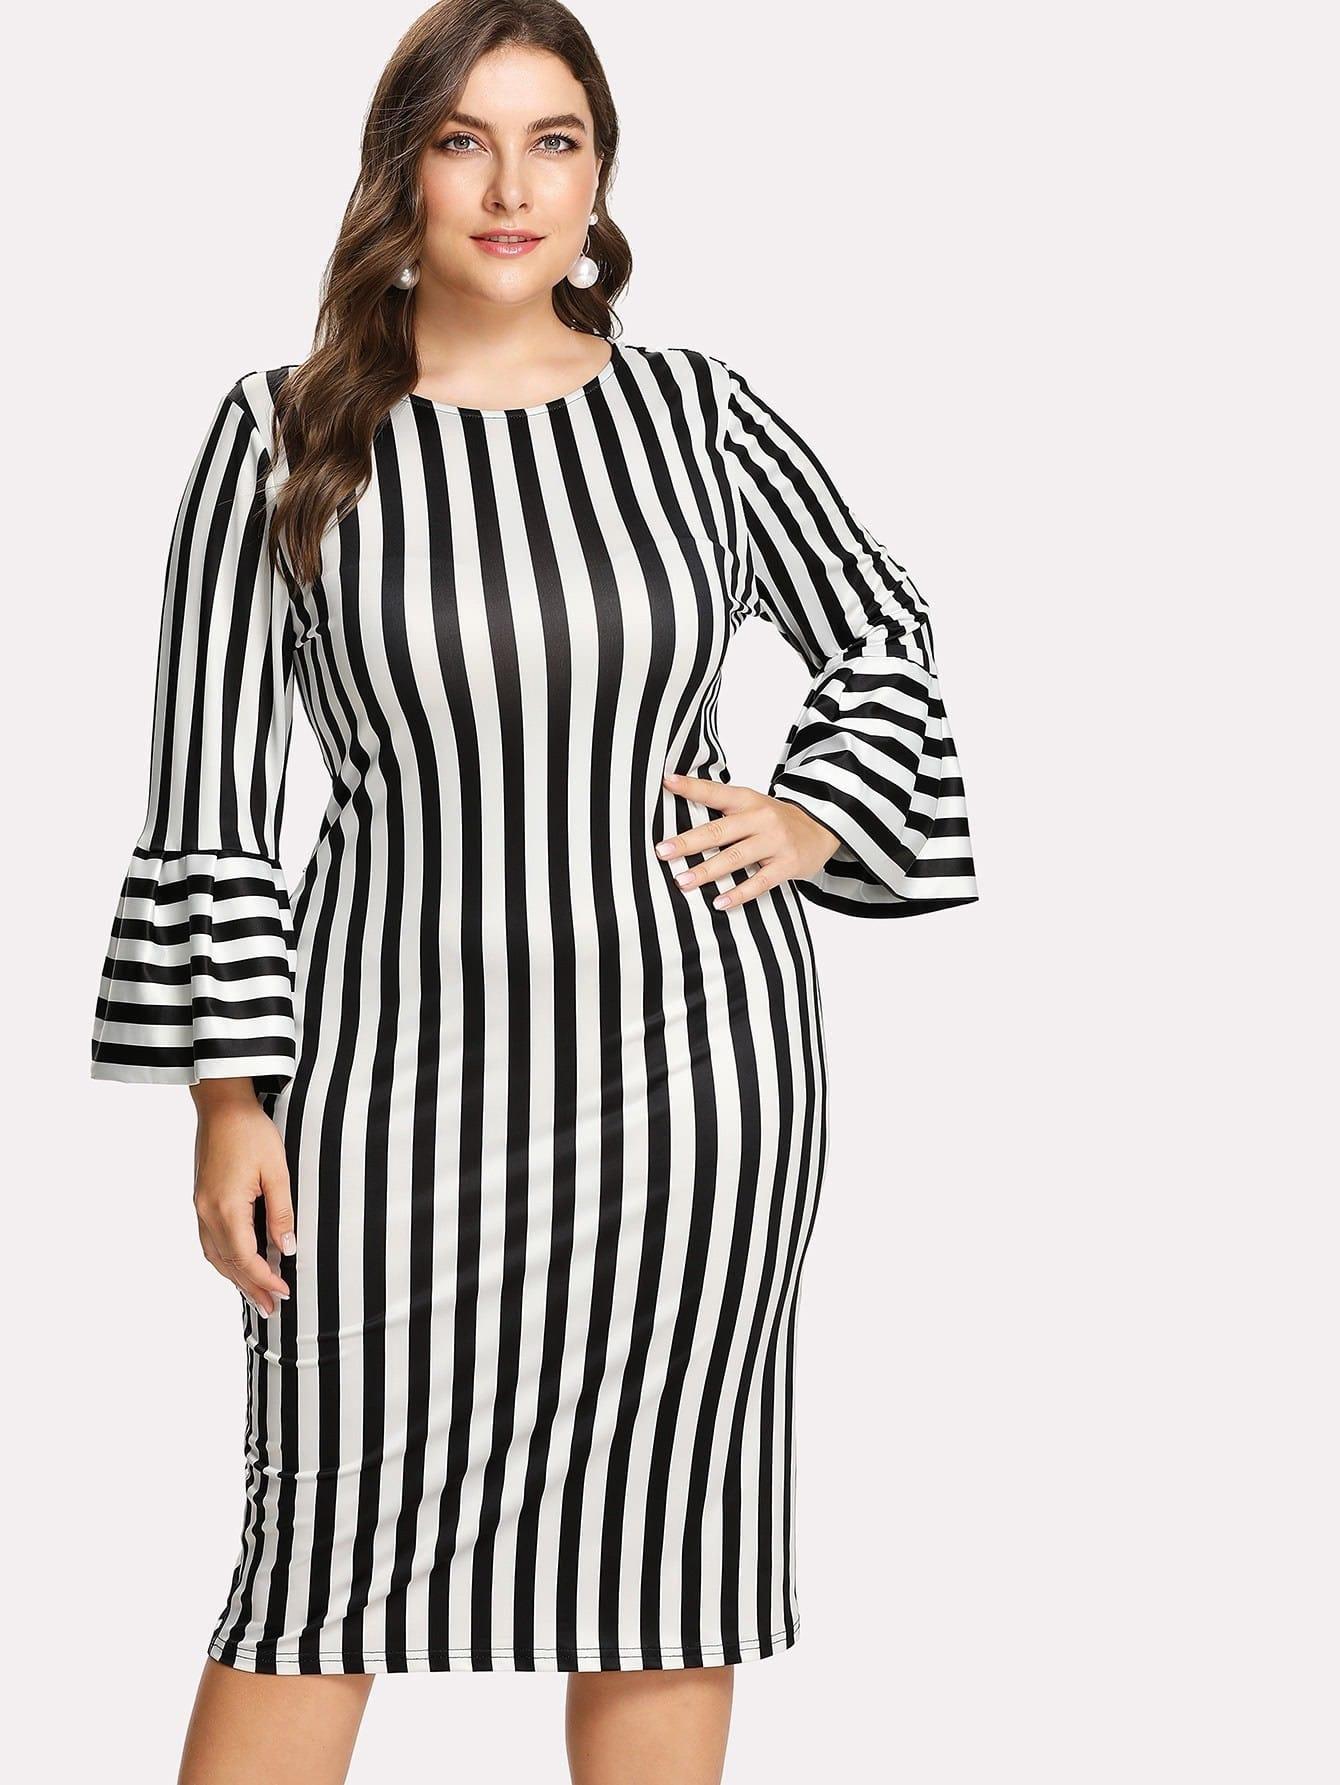 Купить Модное платье в полоску с оборкой, Franziska, SheIn